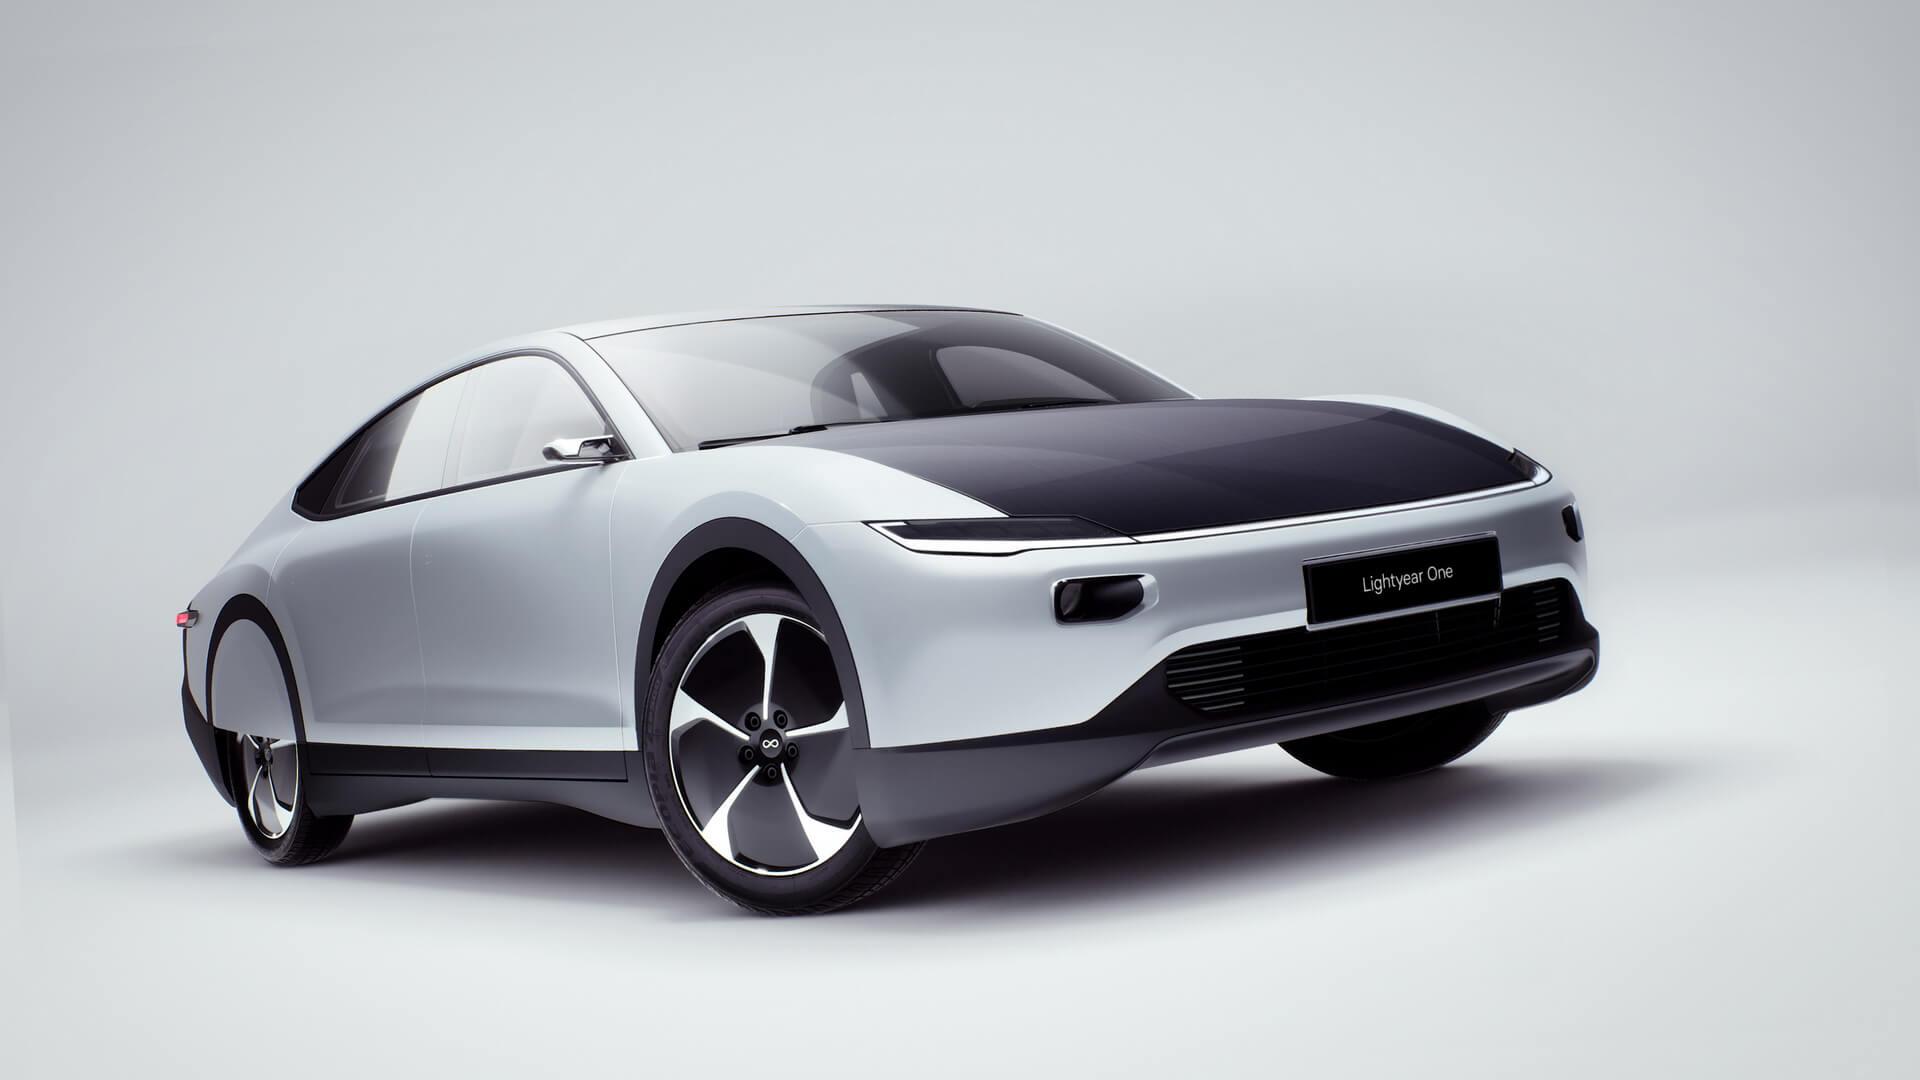 «Солнечный» электромобиль Lightyear One